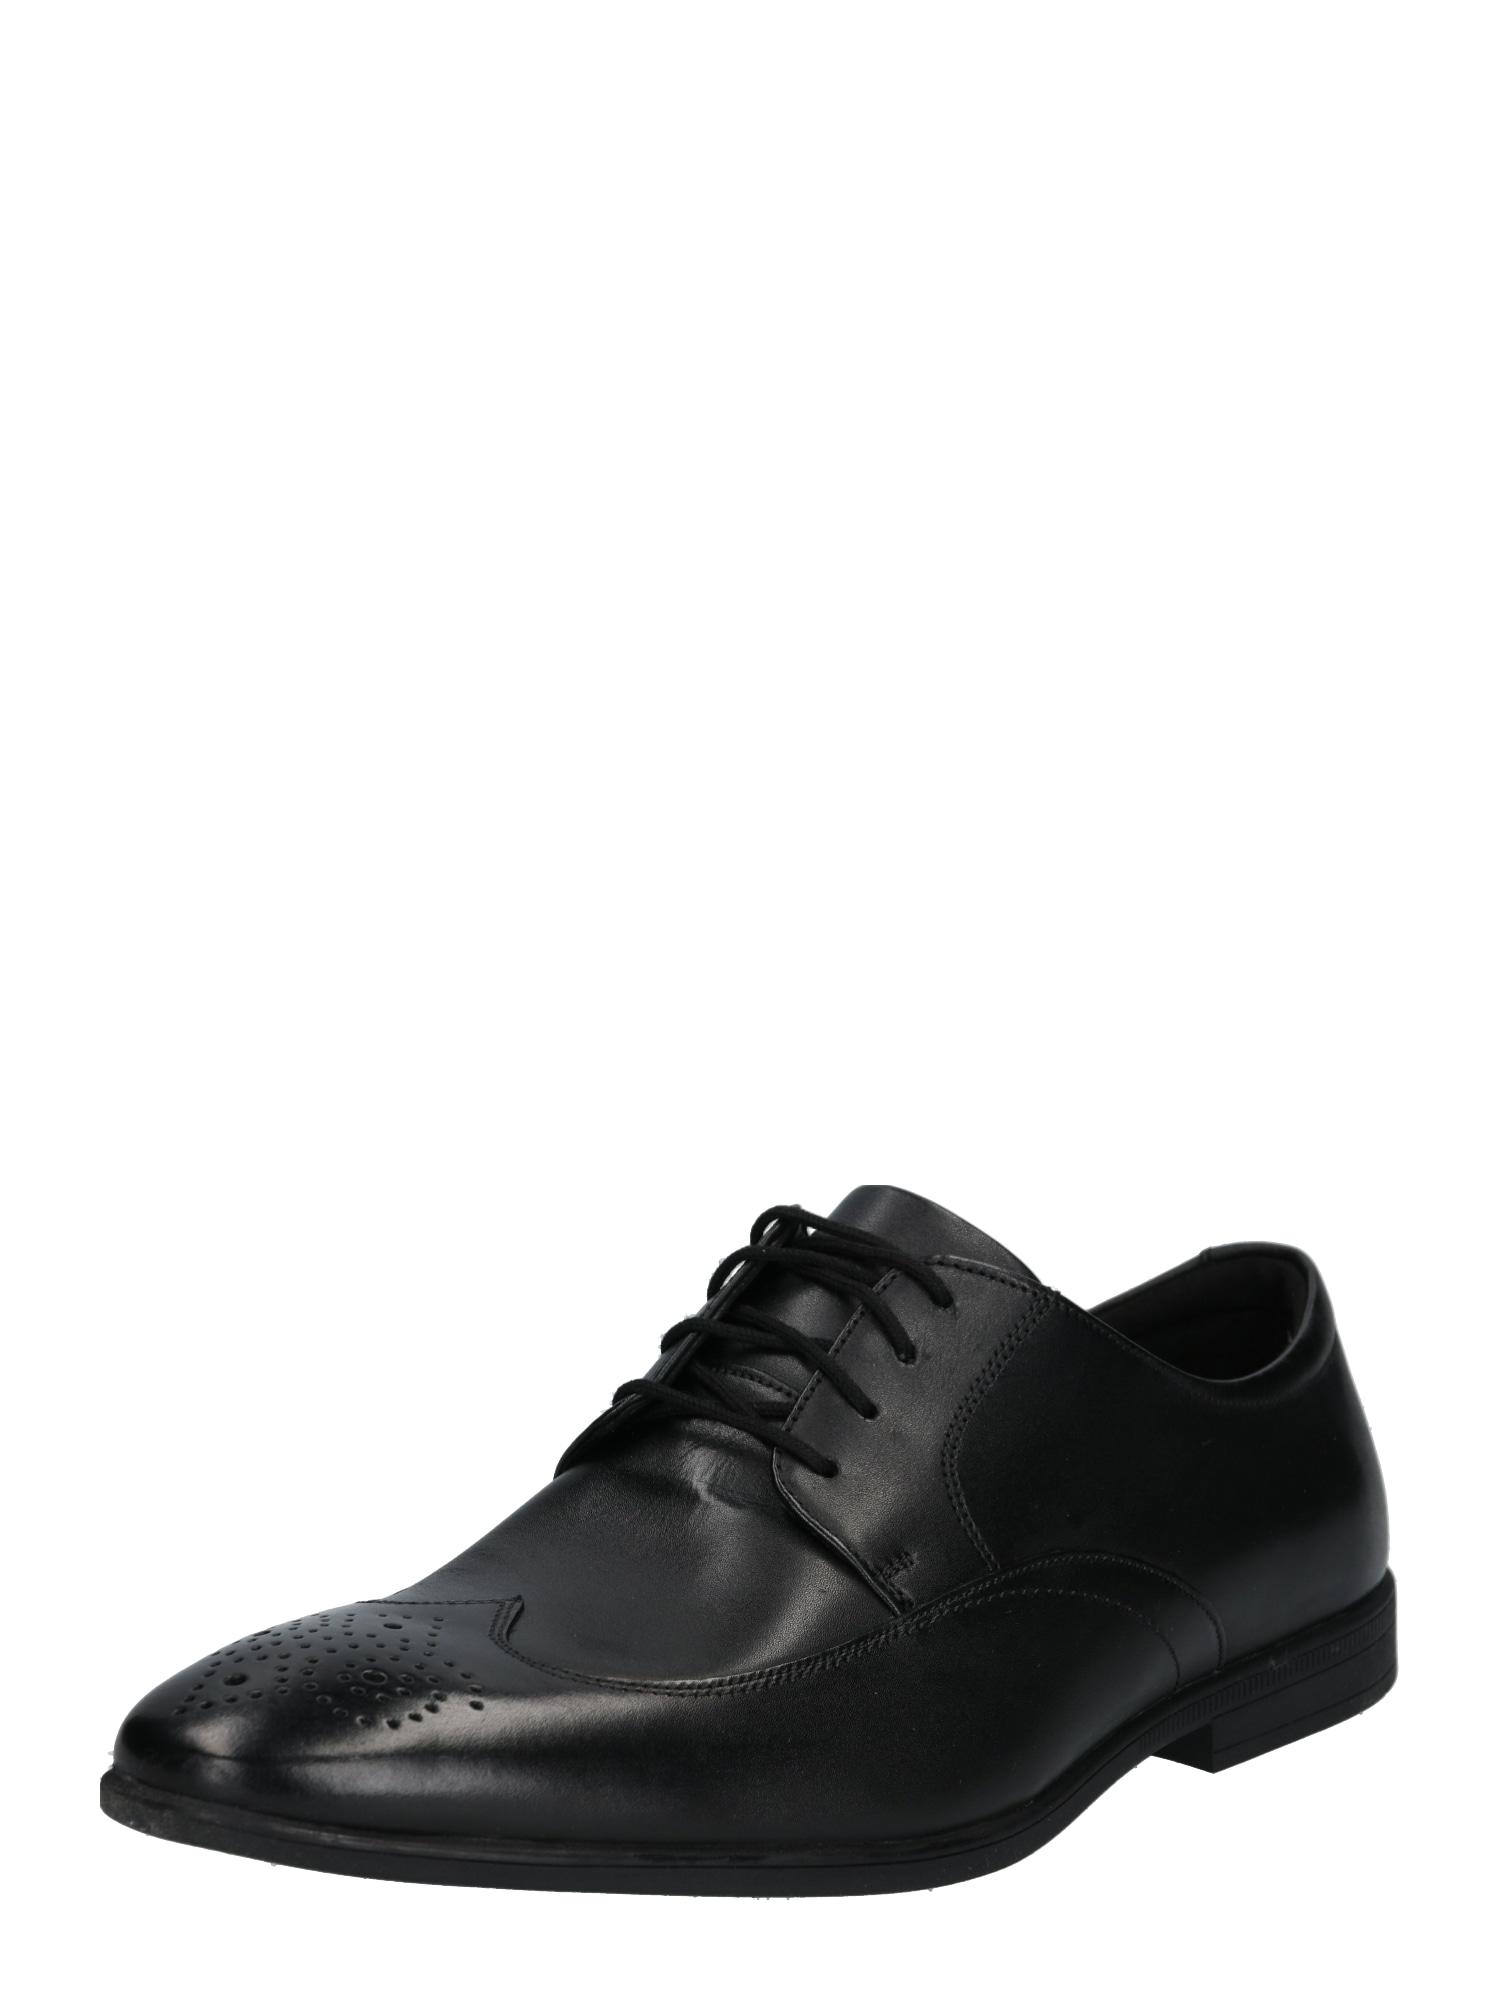 Šněrovací boty Bampton Wing černá CLARKS